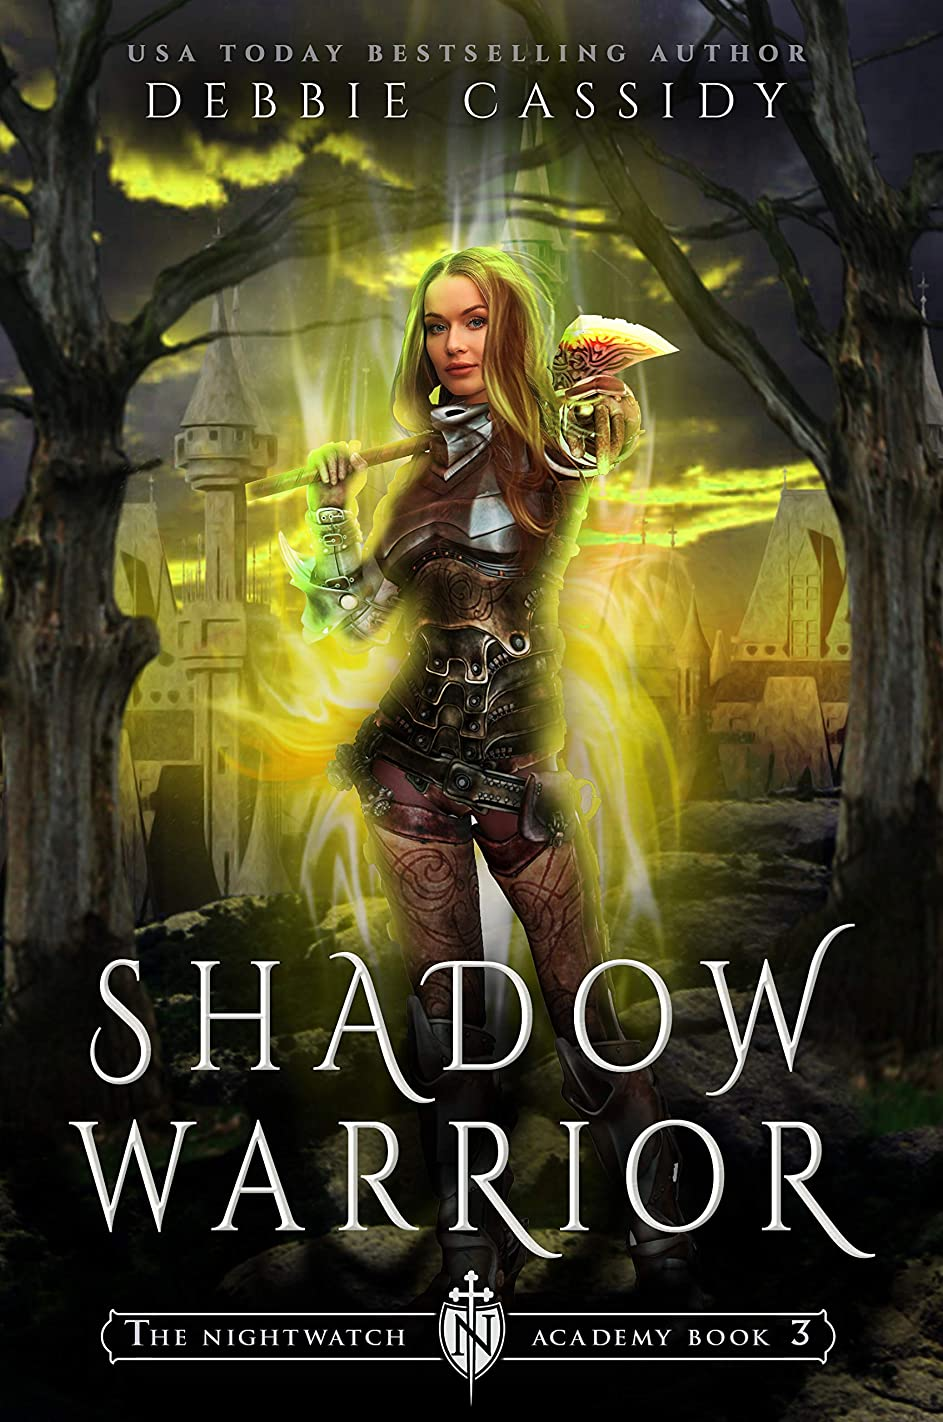 スパンガム不十分なShadow Warrior (The Nightwatch Academy Book 3) (English Edition)